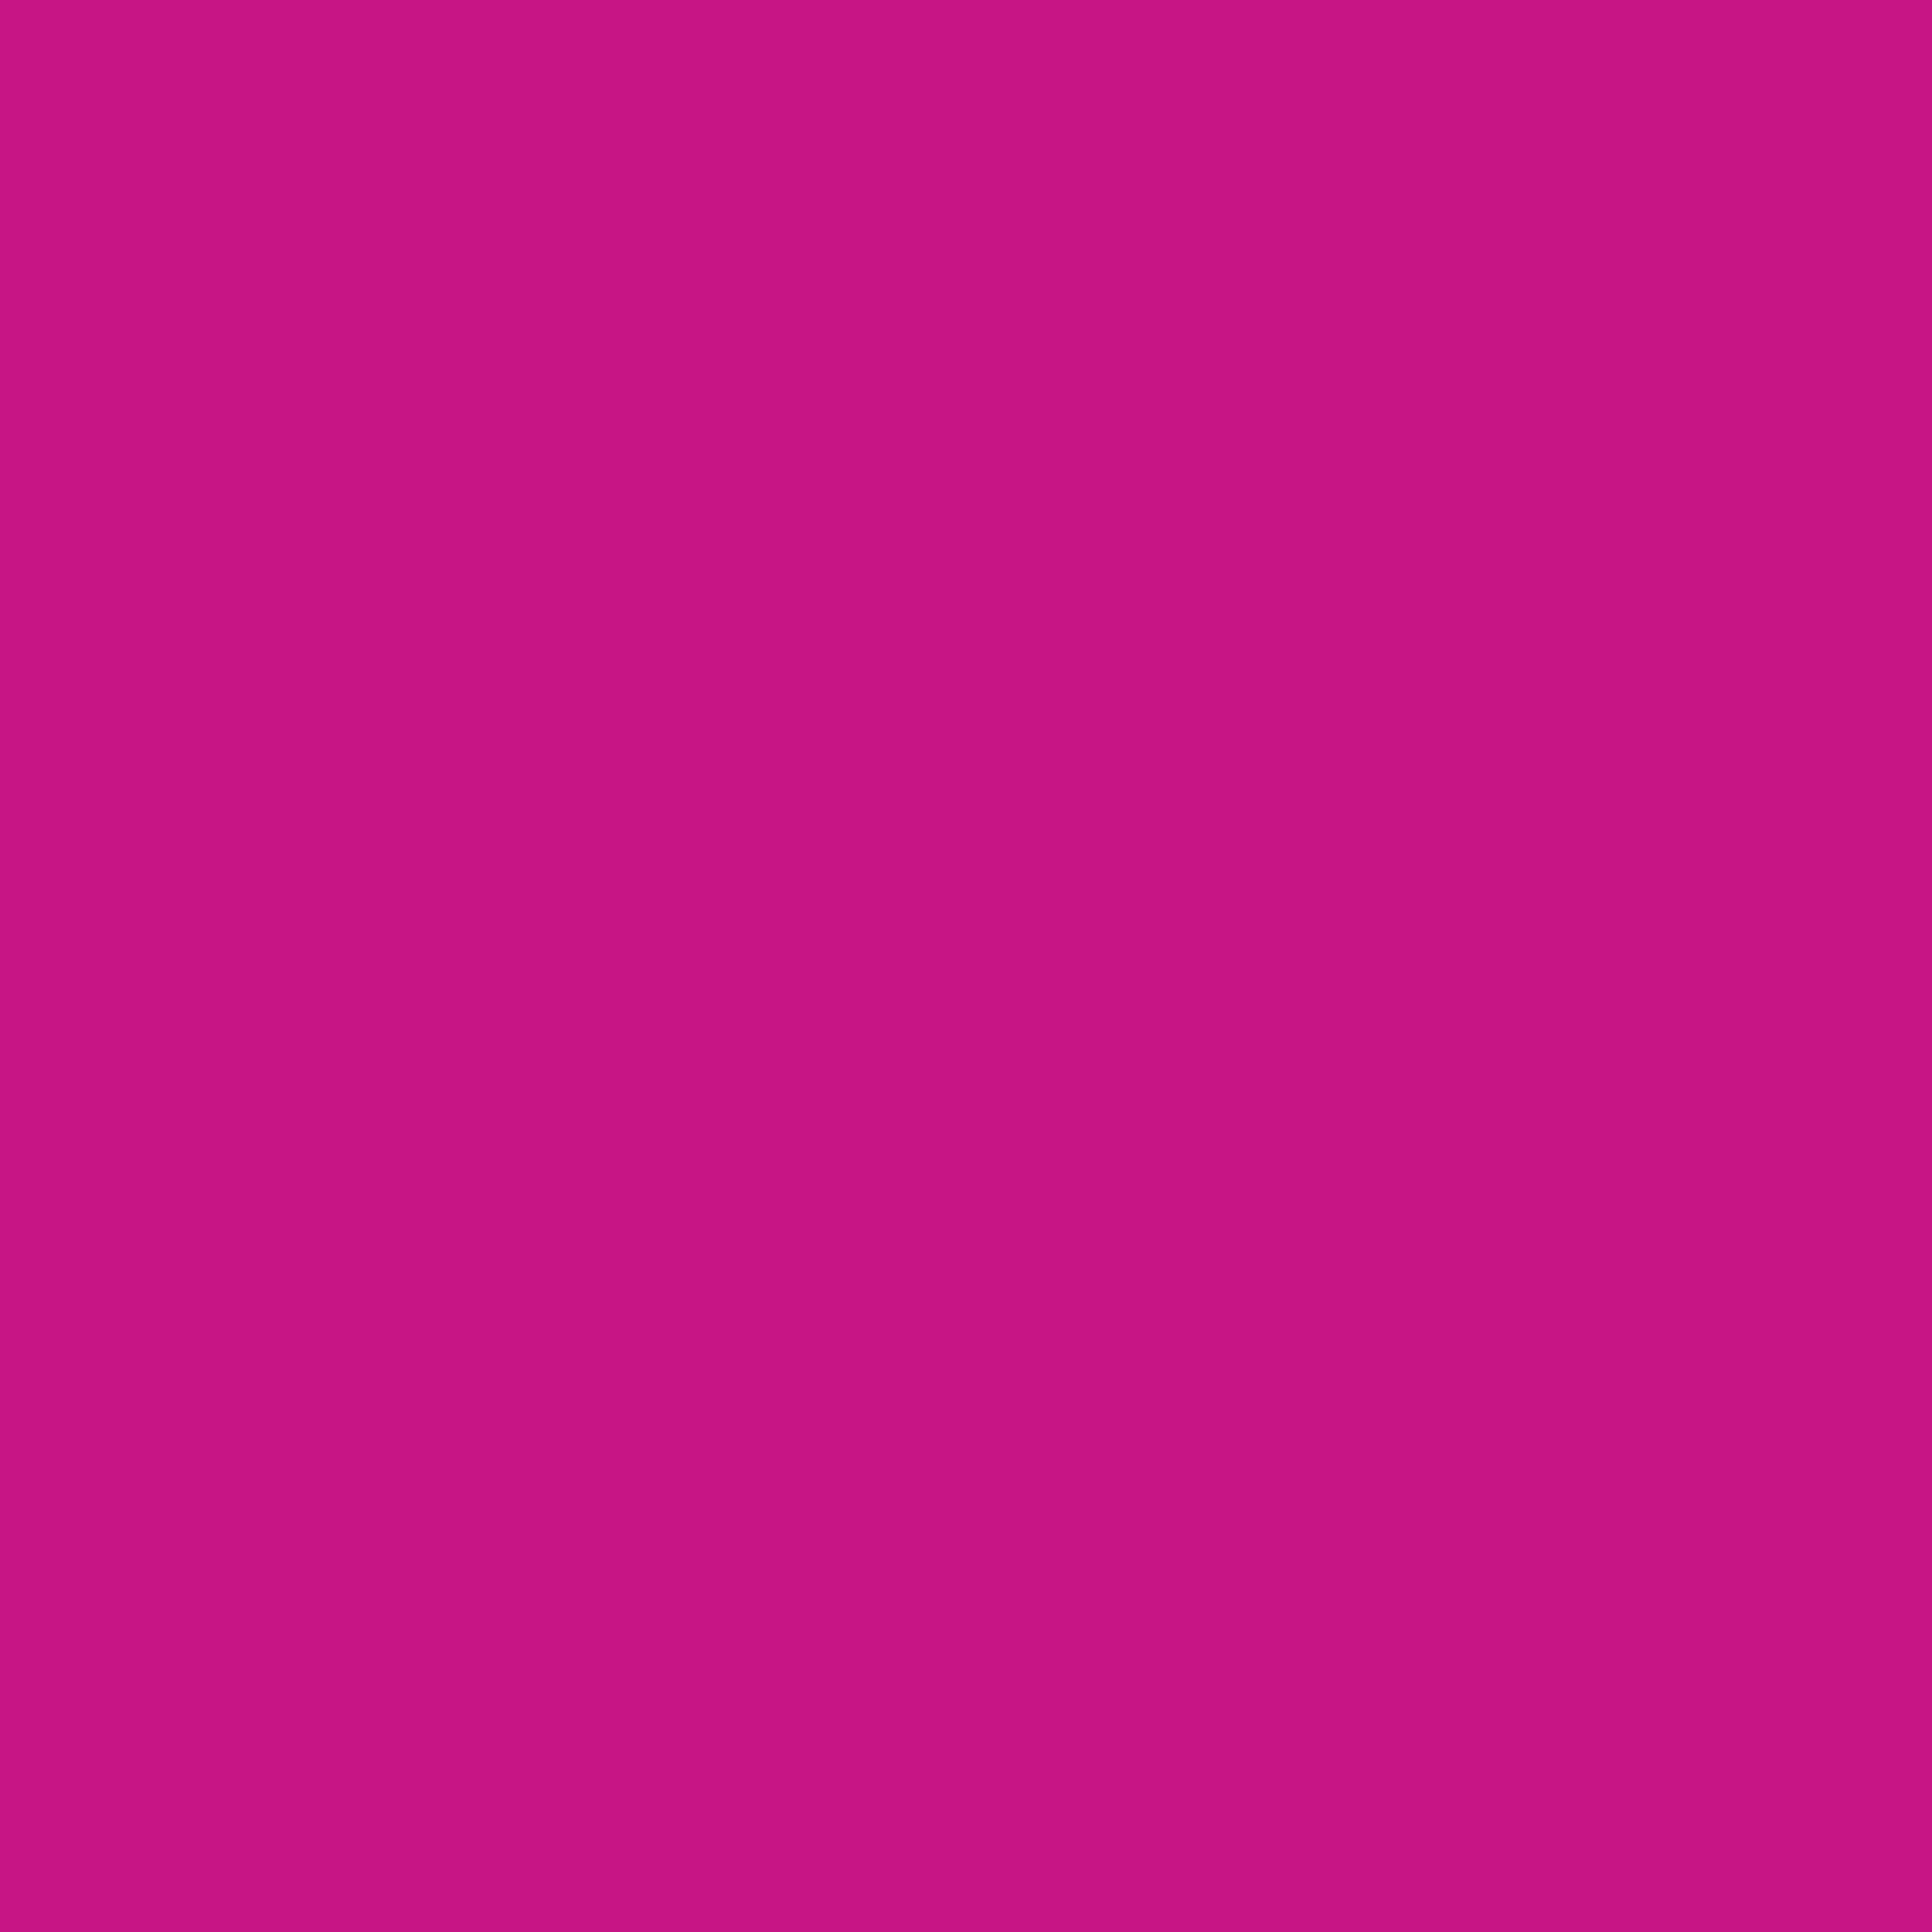 2048x2048 Medium Violet-red Solid Color Background